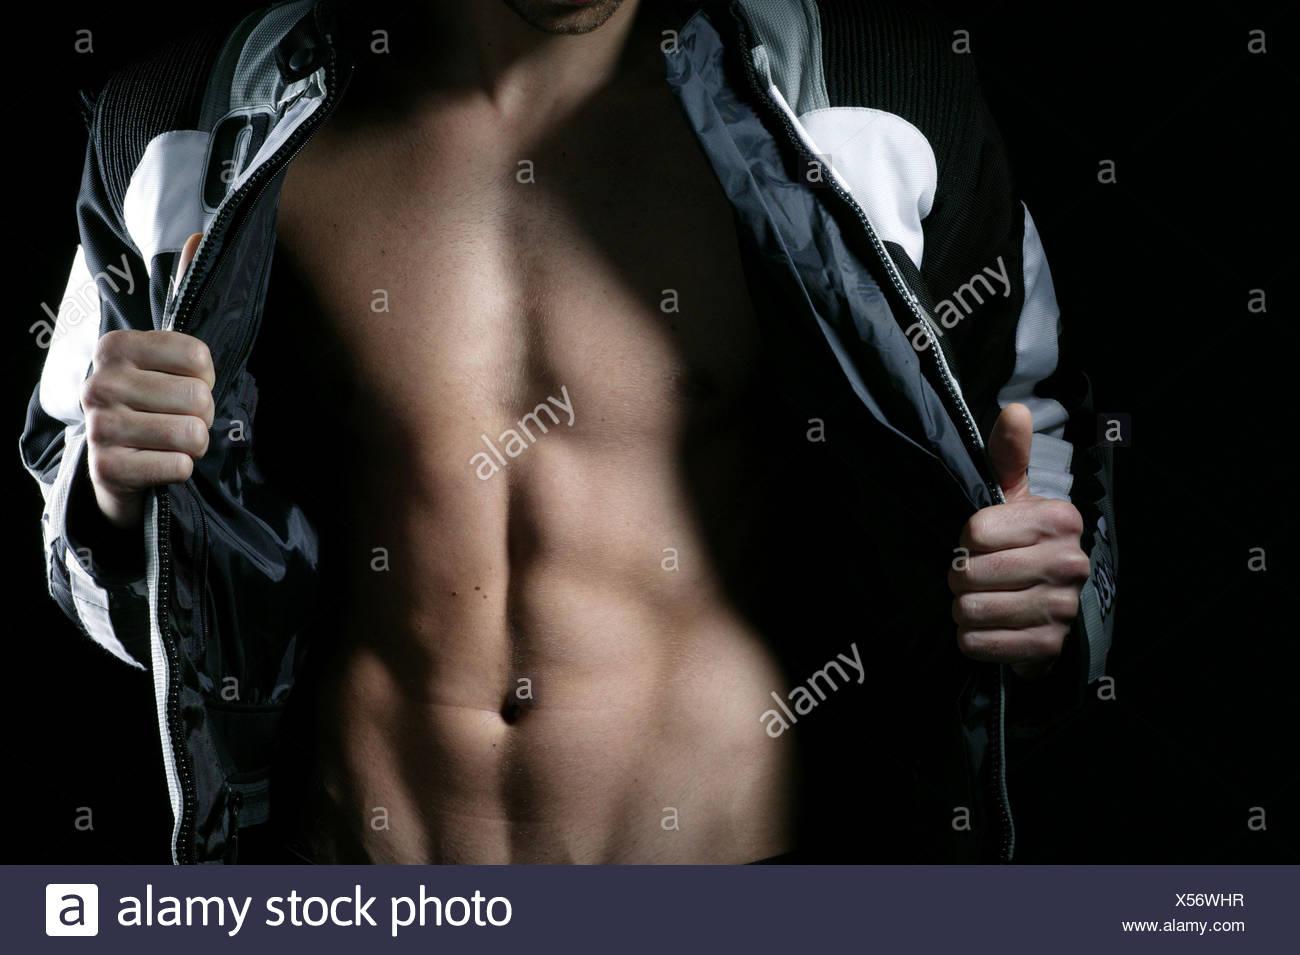 Mann schlank Jacke offen Oberkörper Muskulatur Detail junge steht Motorradjacke eröffnet Körper muskulös Stockfoto